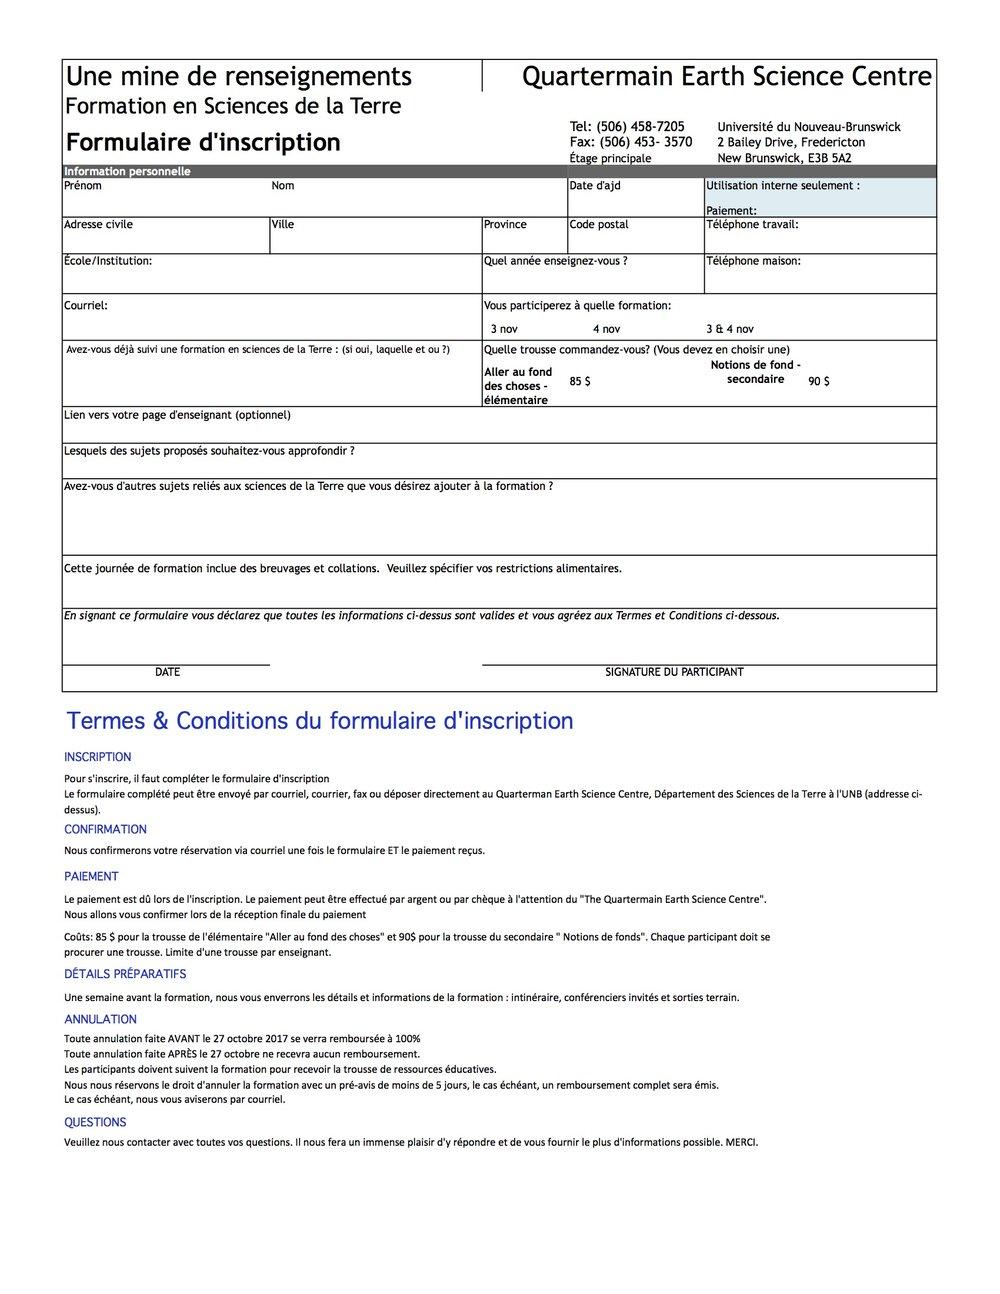 Formulaire d'inscription _ Formation SCIENCES DE LA TERRE _QESC et Une mine de renseignements.jpg